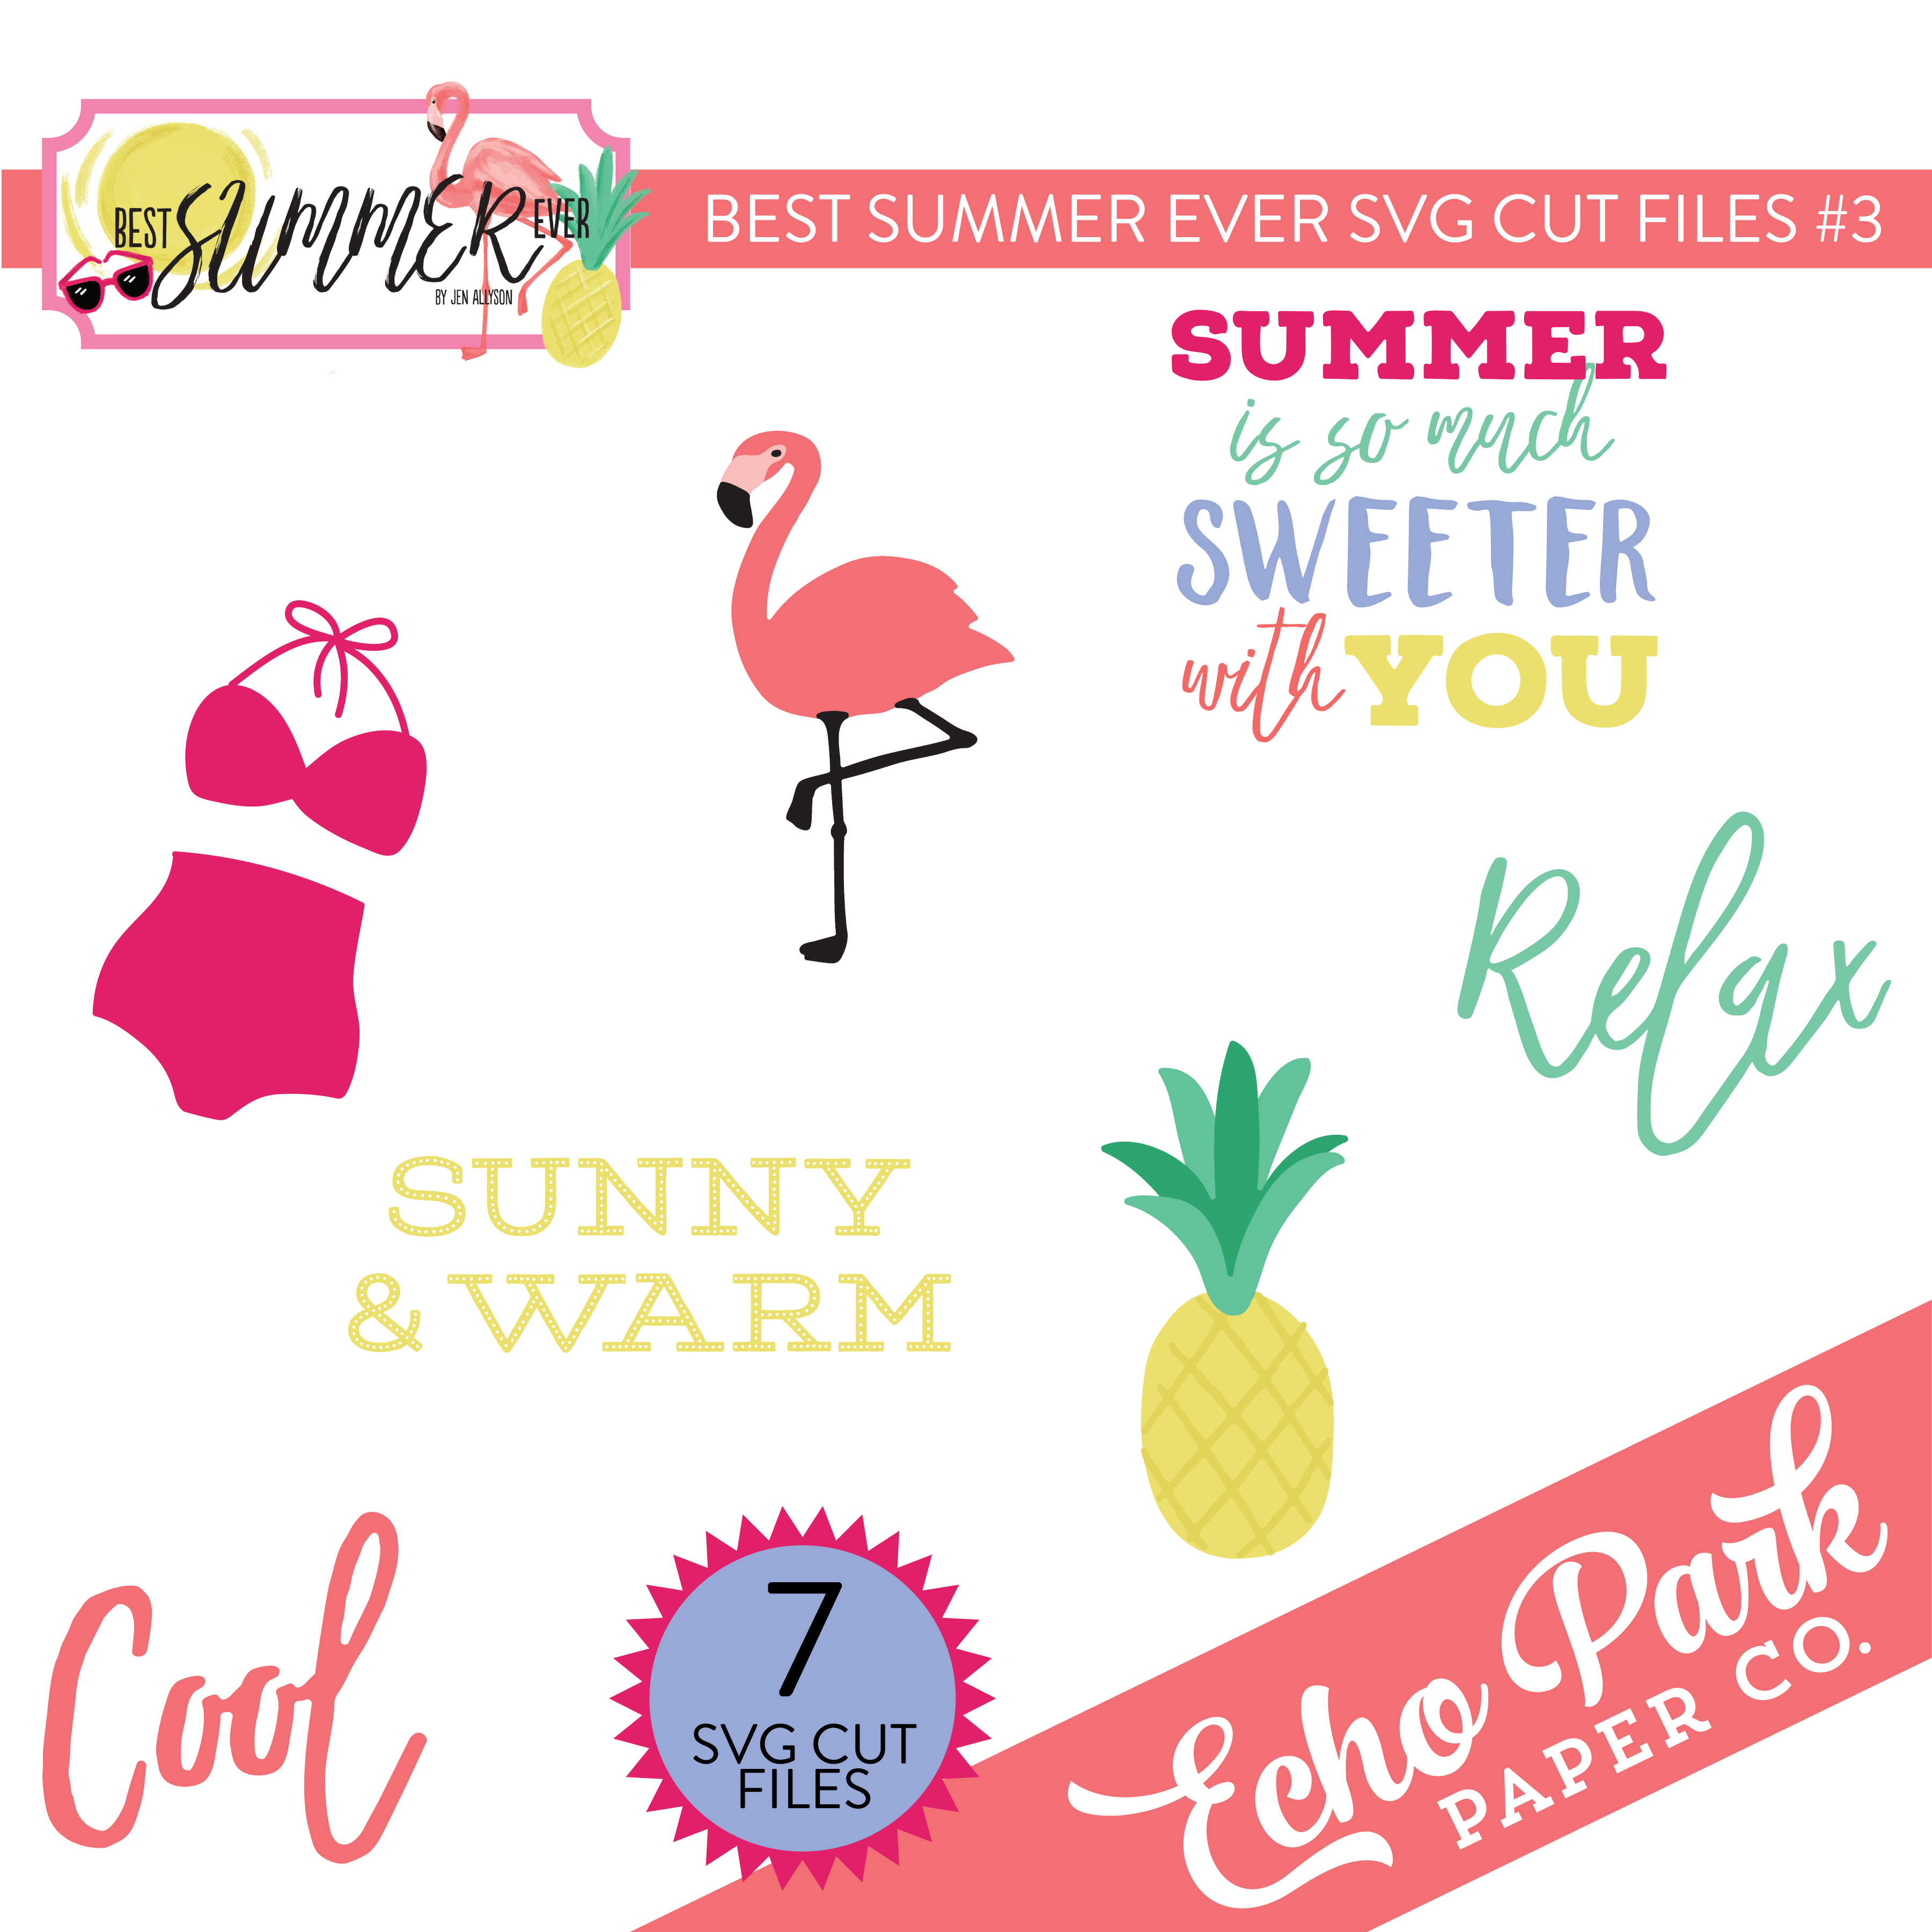 Best Summer Ever SVG Cut Files #3